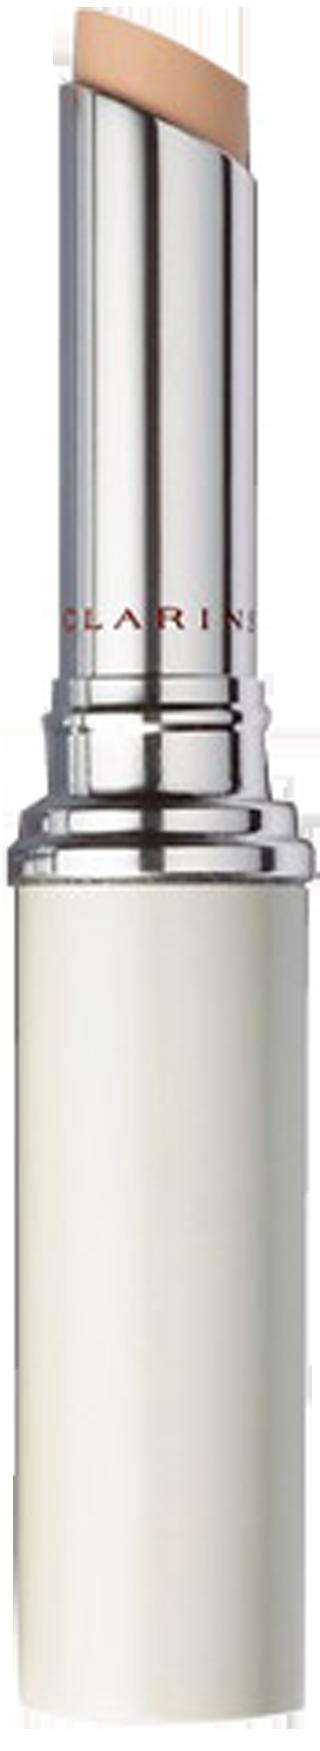 Stick Anti-Cernes. Cobre as olheiras, não marca as rugas e apresenta-se como solução para as pequenas imperfeições - vermelhidões e manchas de pigmentação.